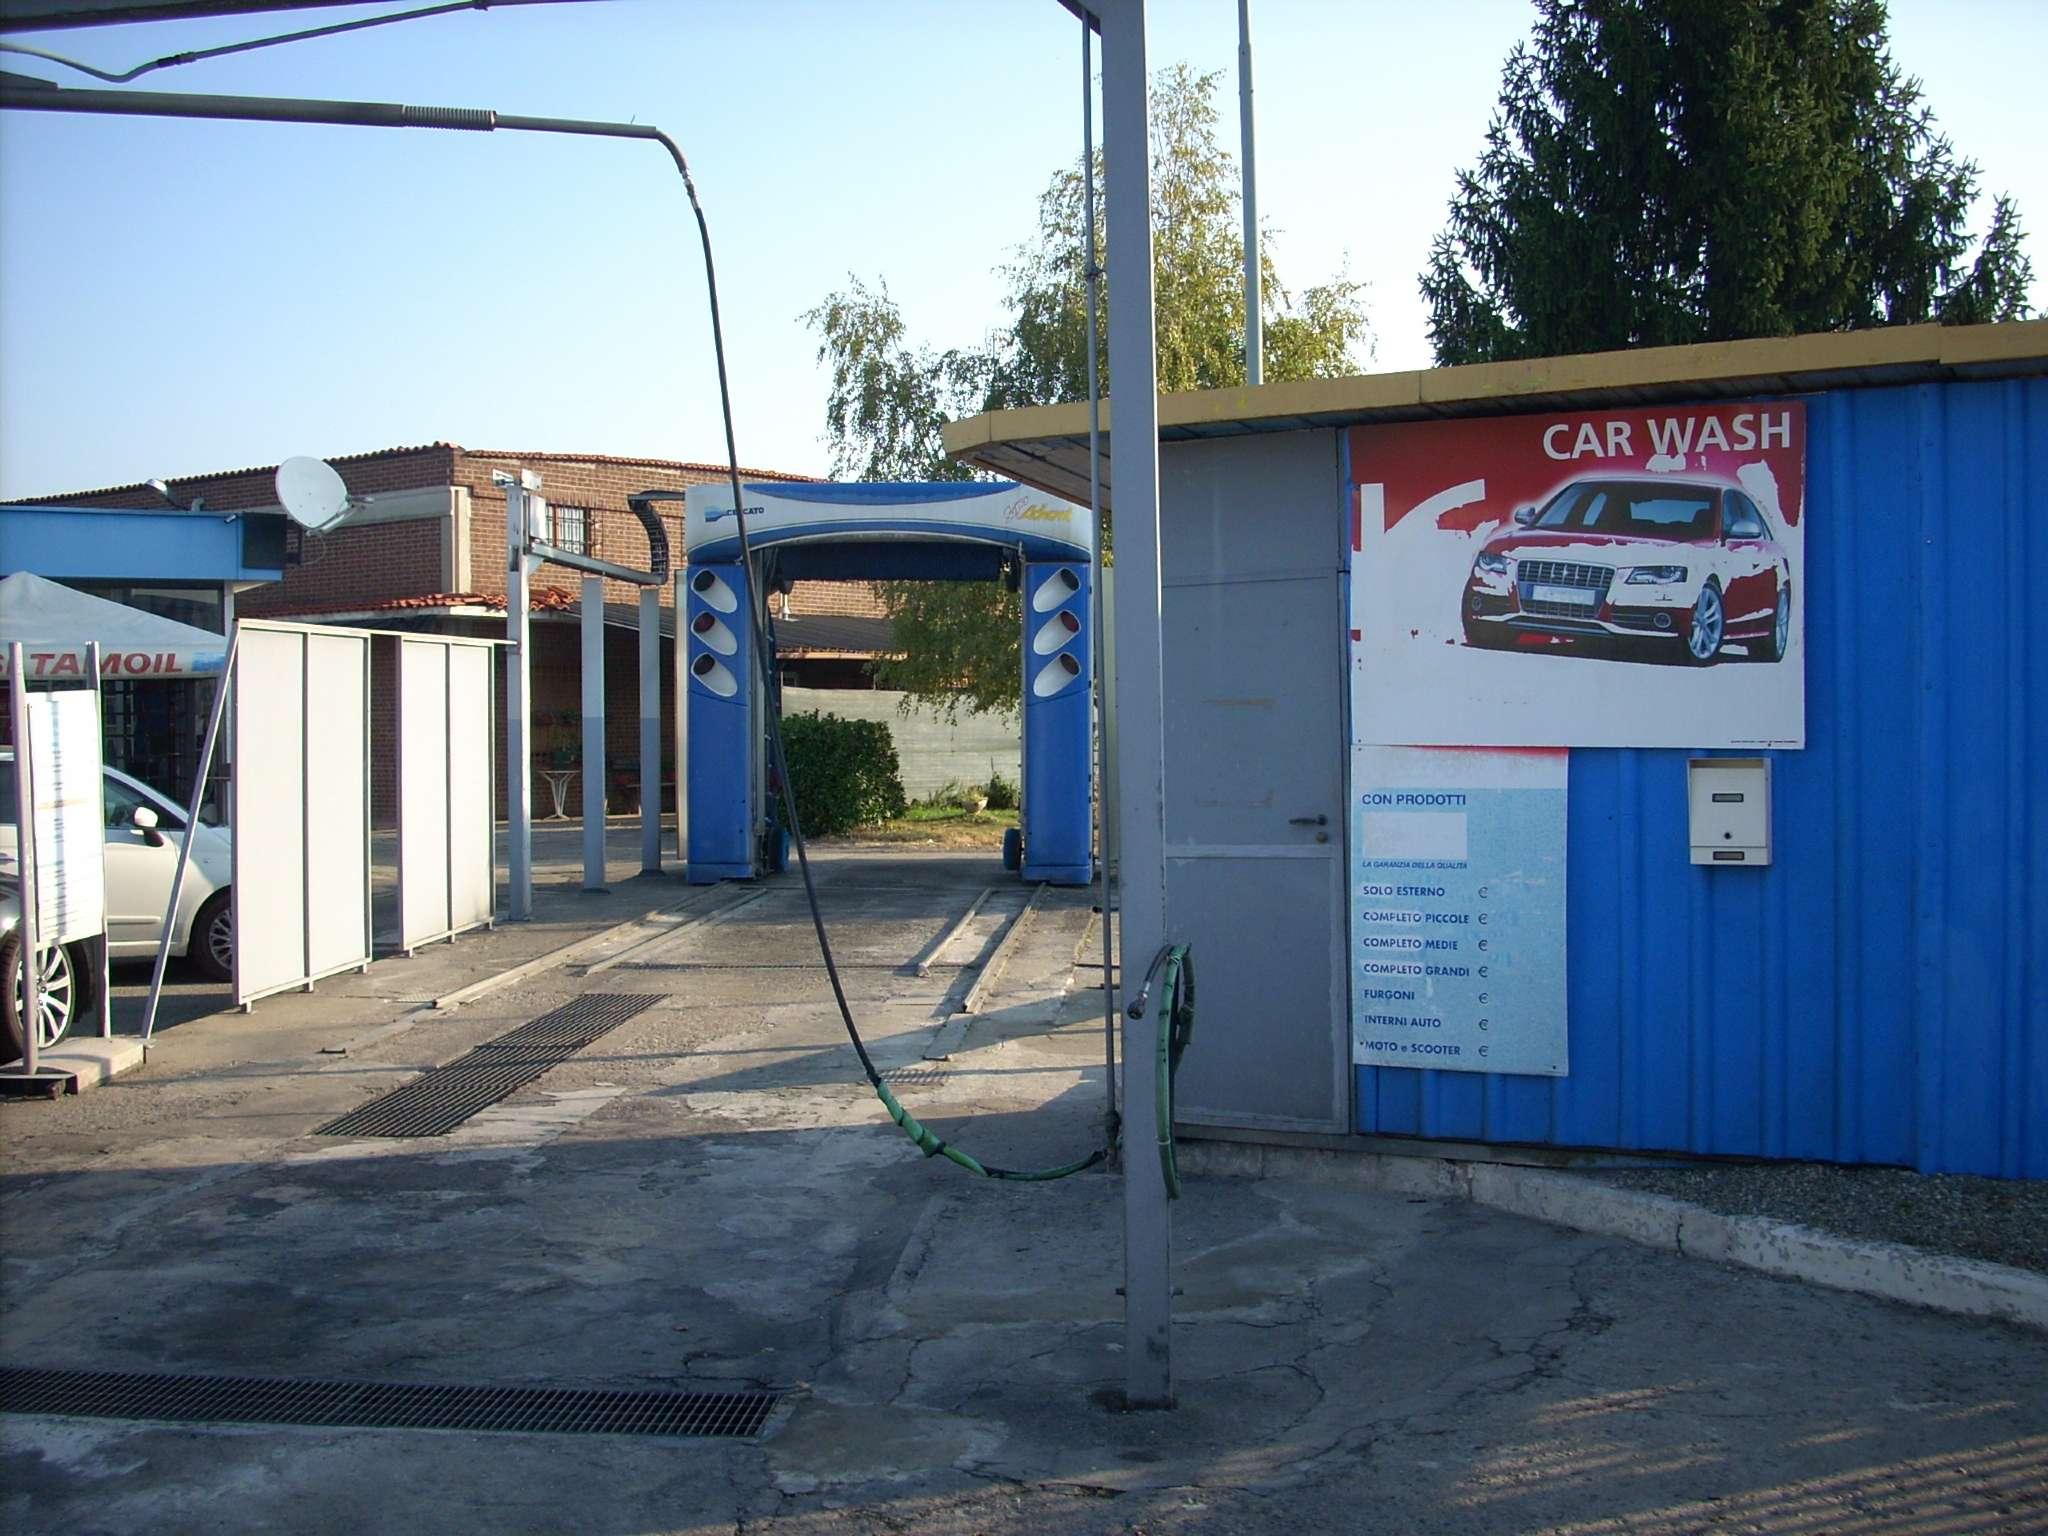 Immobile Commerciale in affitto a Oleggio, 1 locali, prezzo € 900 | CambioCasa.it